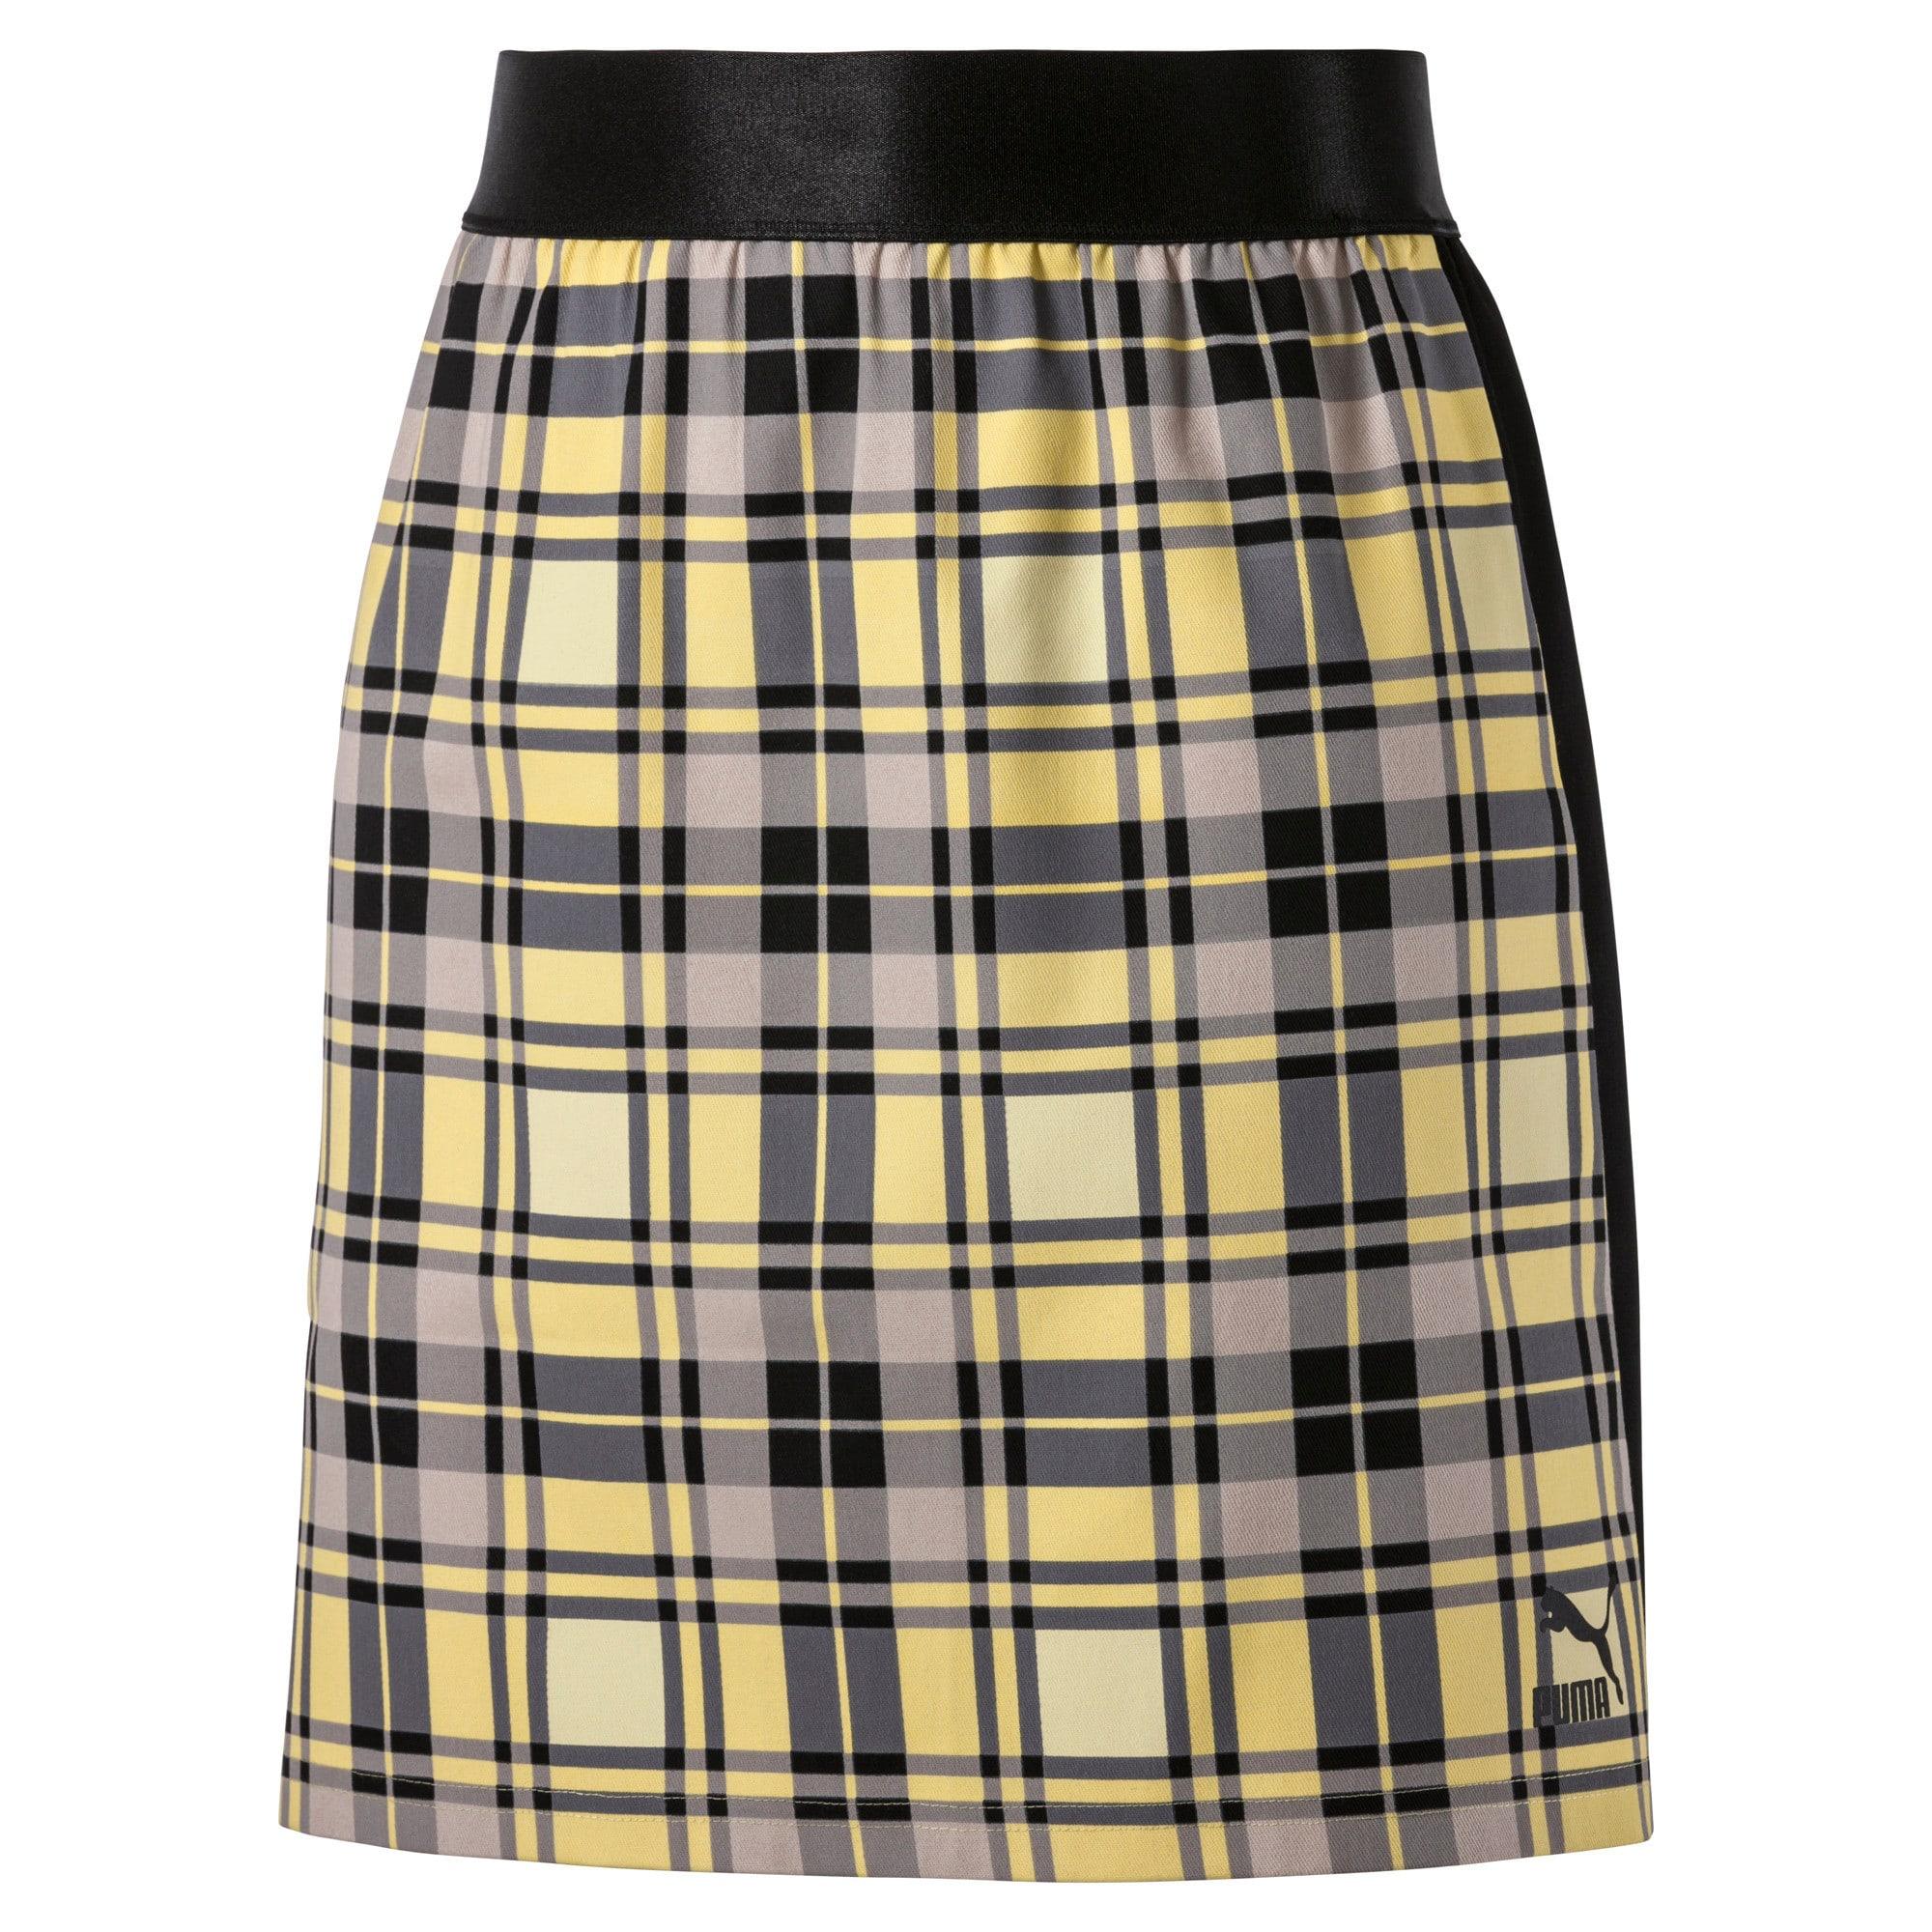 Anteprima 2 di Check Women's Skirt, Yellow Cream, medio